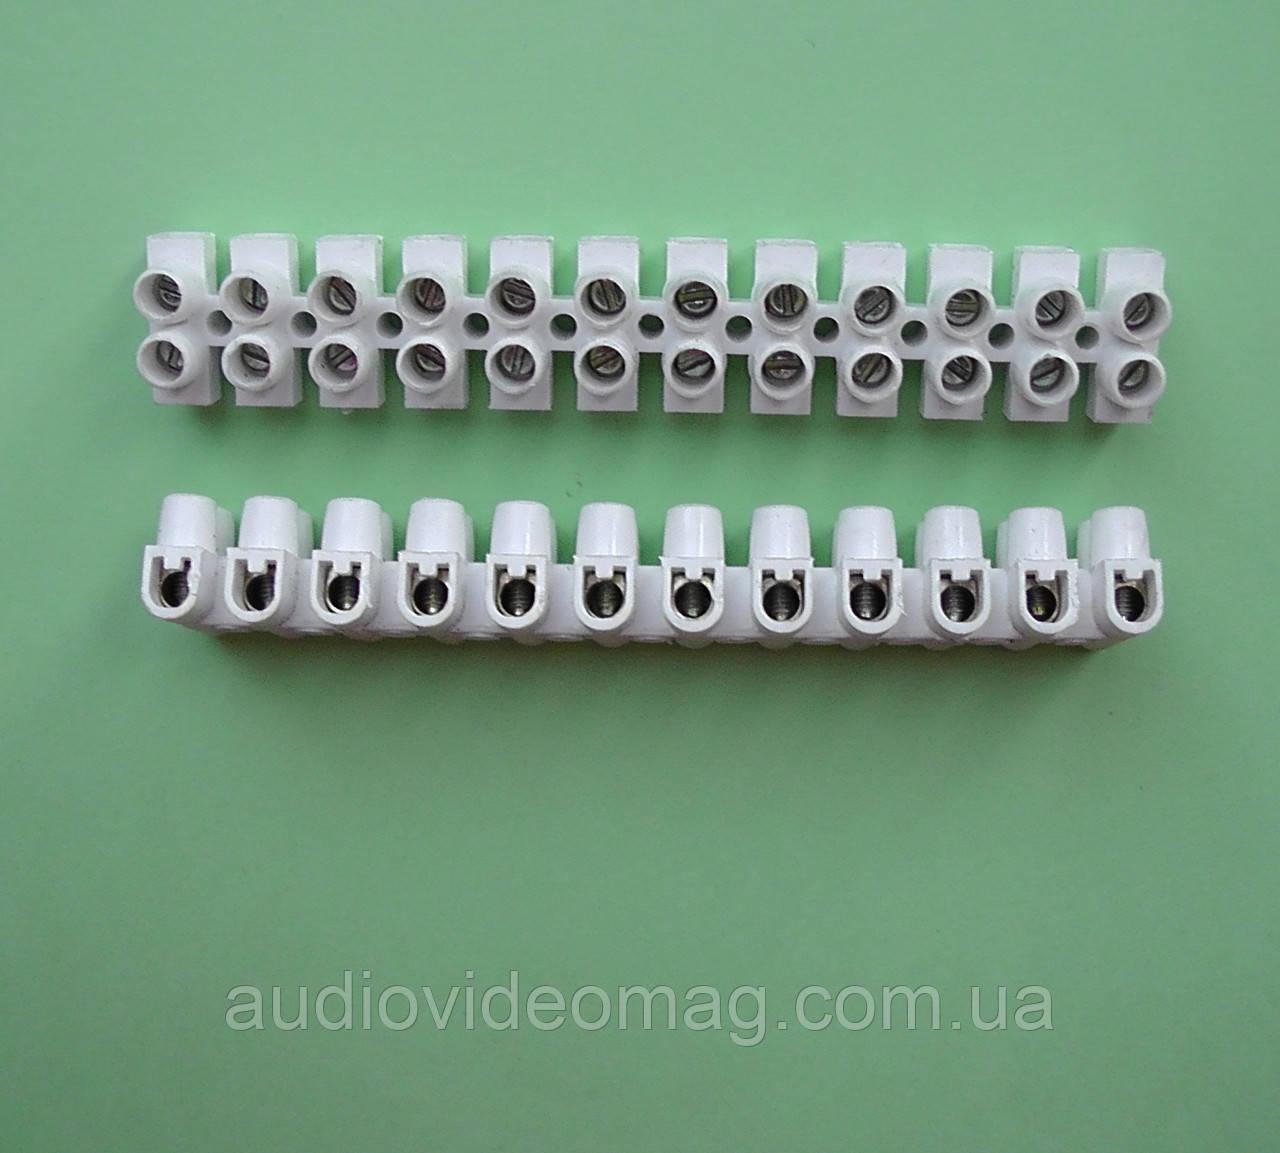 Клемна колодка 4 мм2 3А, пластик (РА) не підтримує горіння